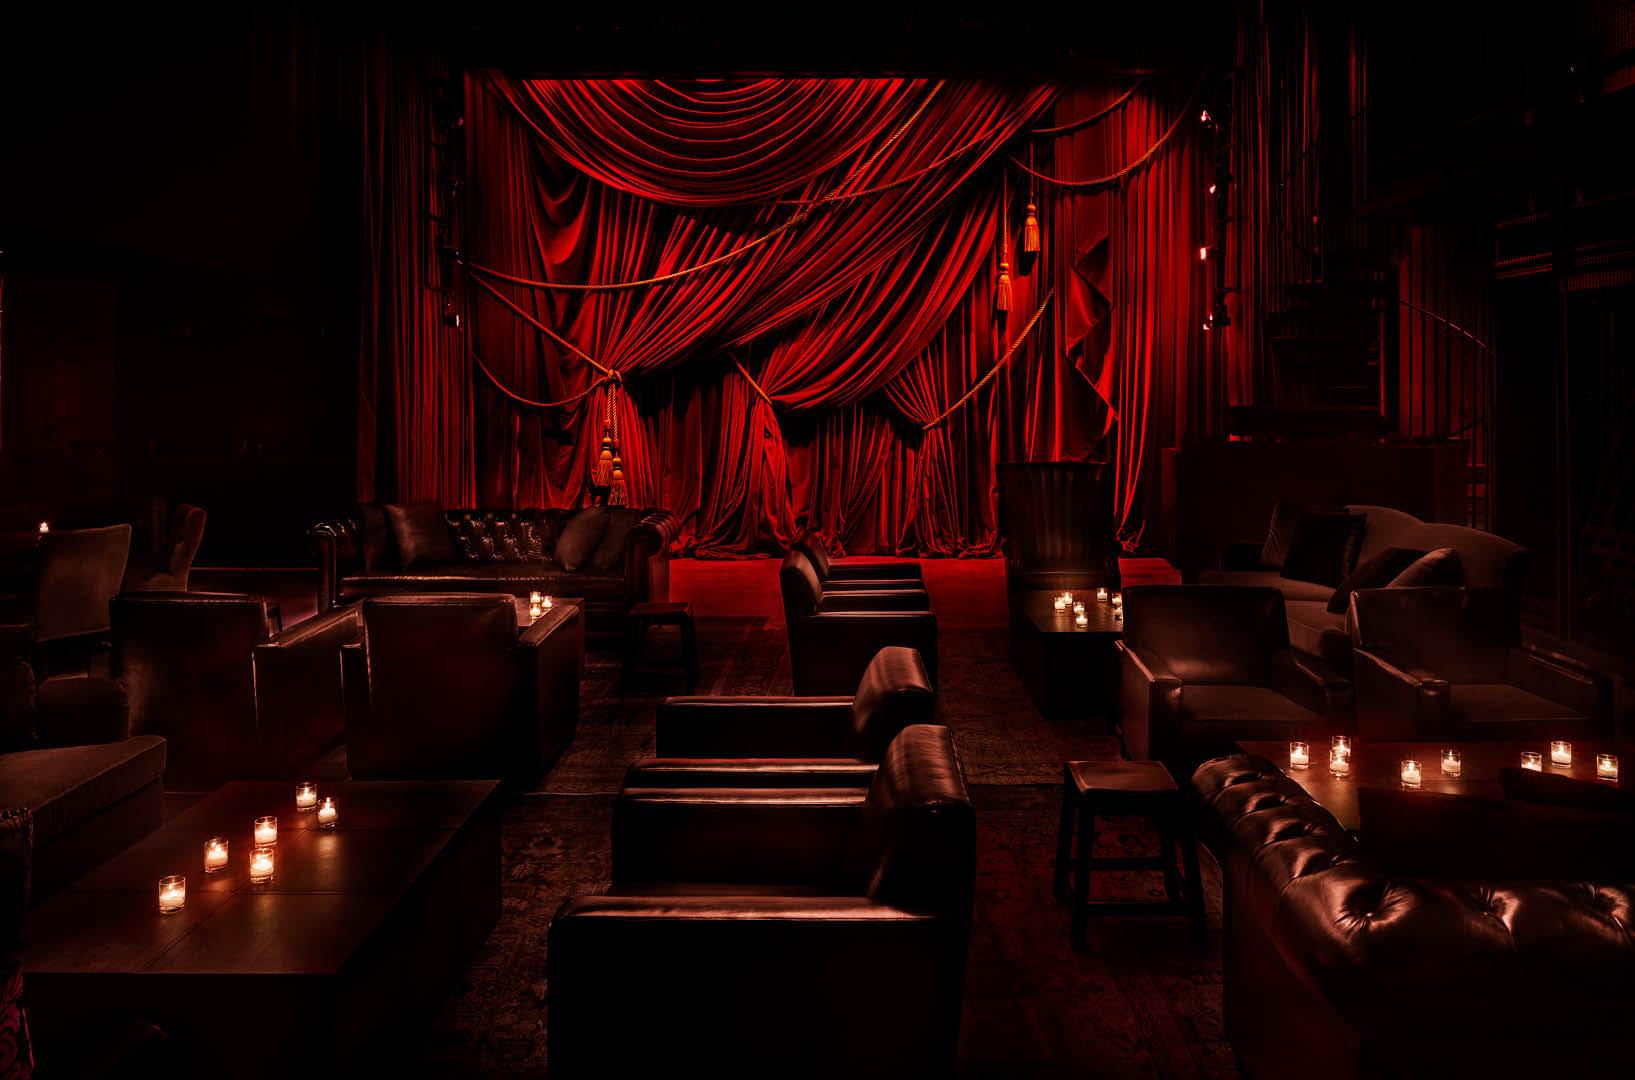 Das wohl angesagteste Hotel in SoHo, NYC: Das Public Hotel von Studio 54-Gründer Ian Schrager 17